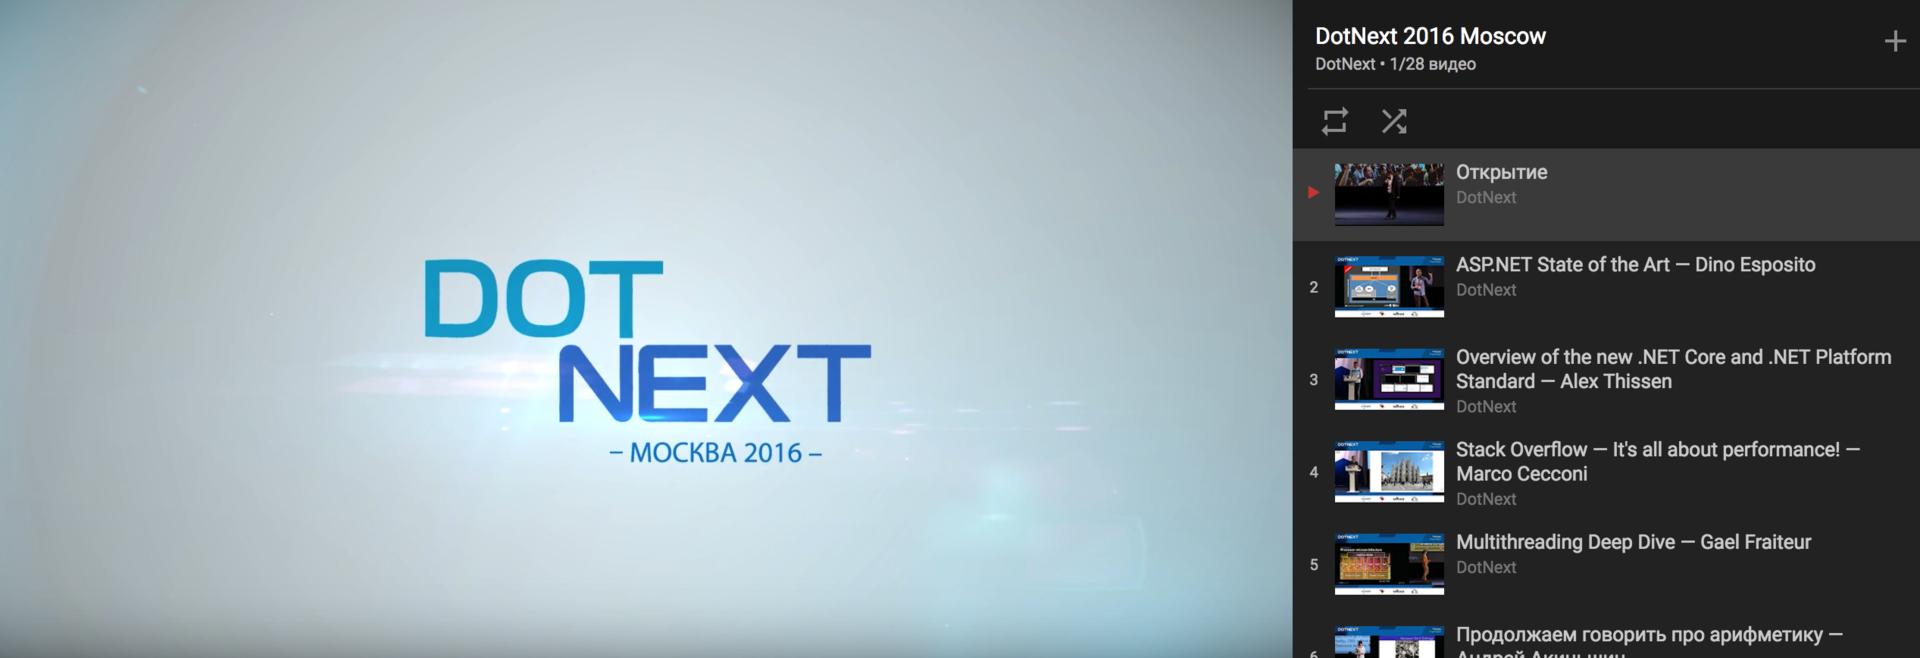 Видеозаписи лучших докладов DotNext 2016 Moscow: Перфоманс, CLR и функциональное программирование на .NET